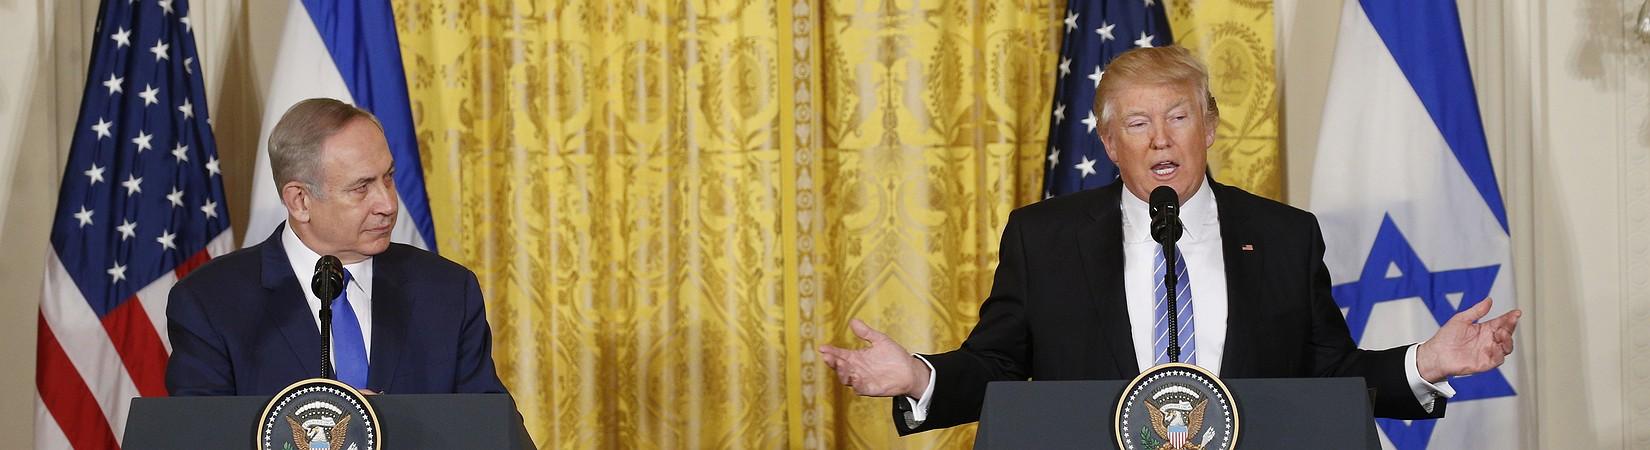 Trump no se comprometerá a buscar una solución para la disputa entre Israel y Palestina